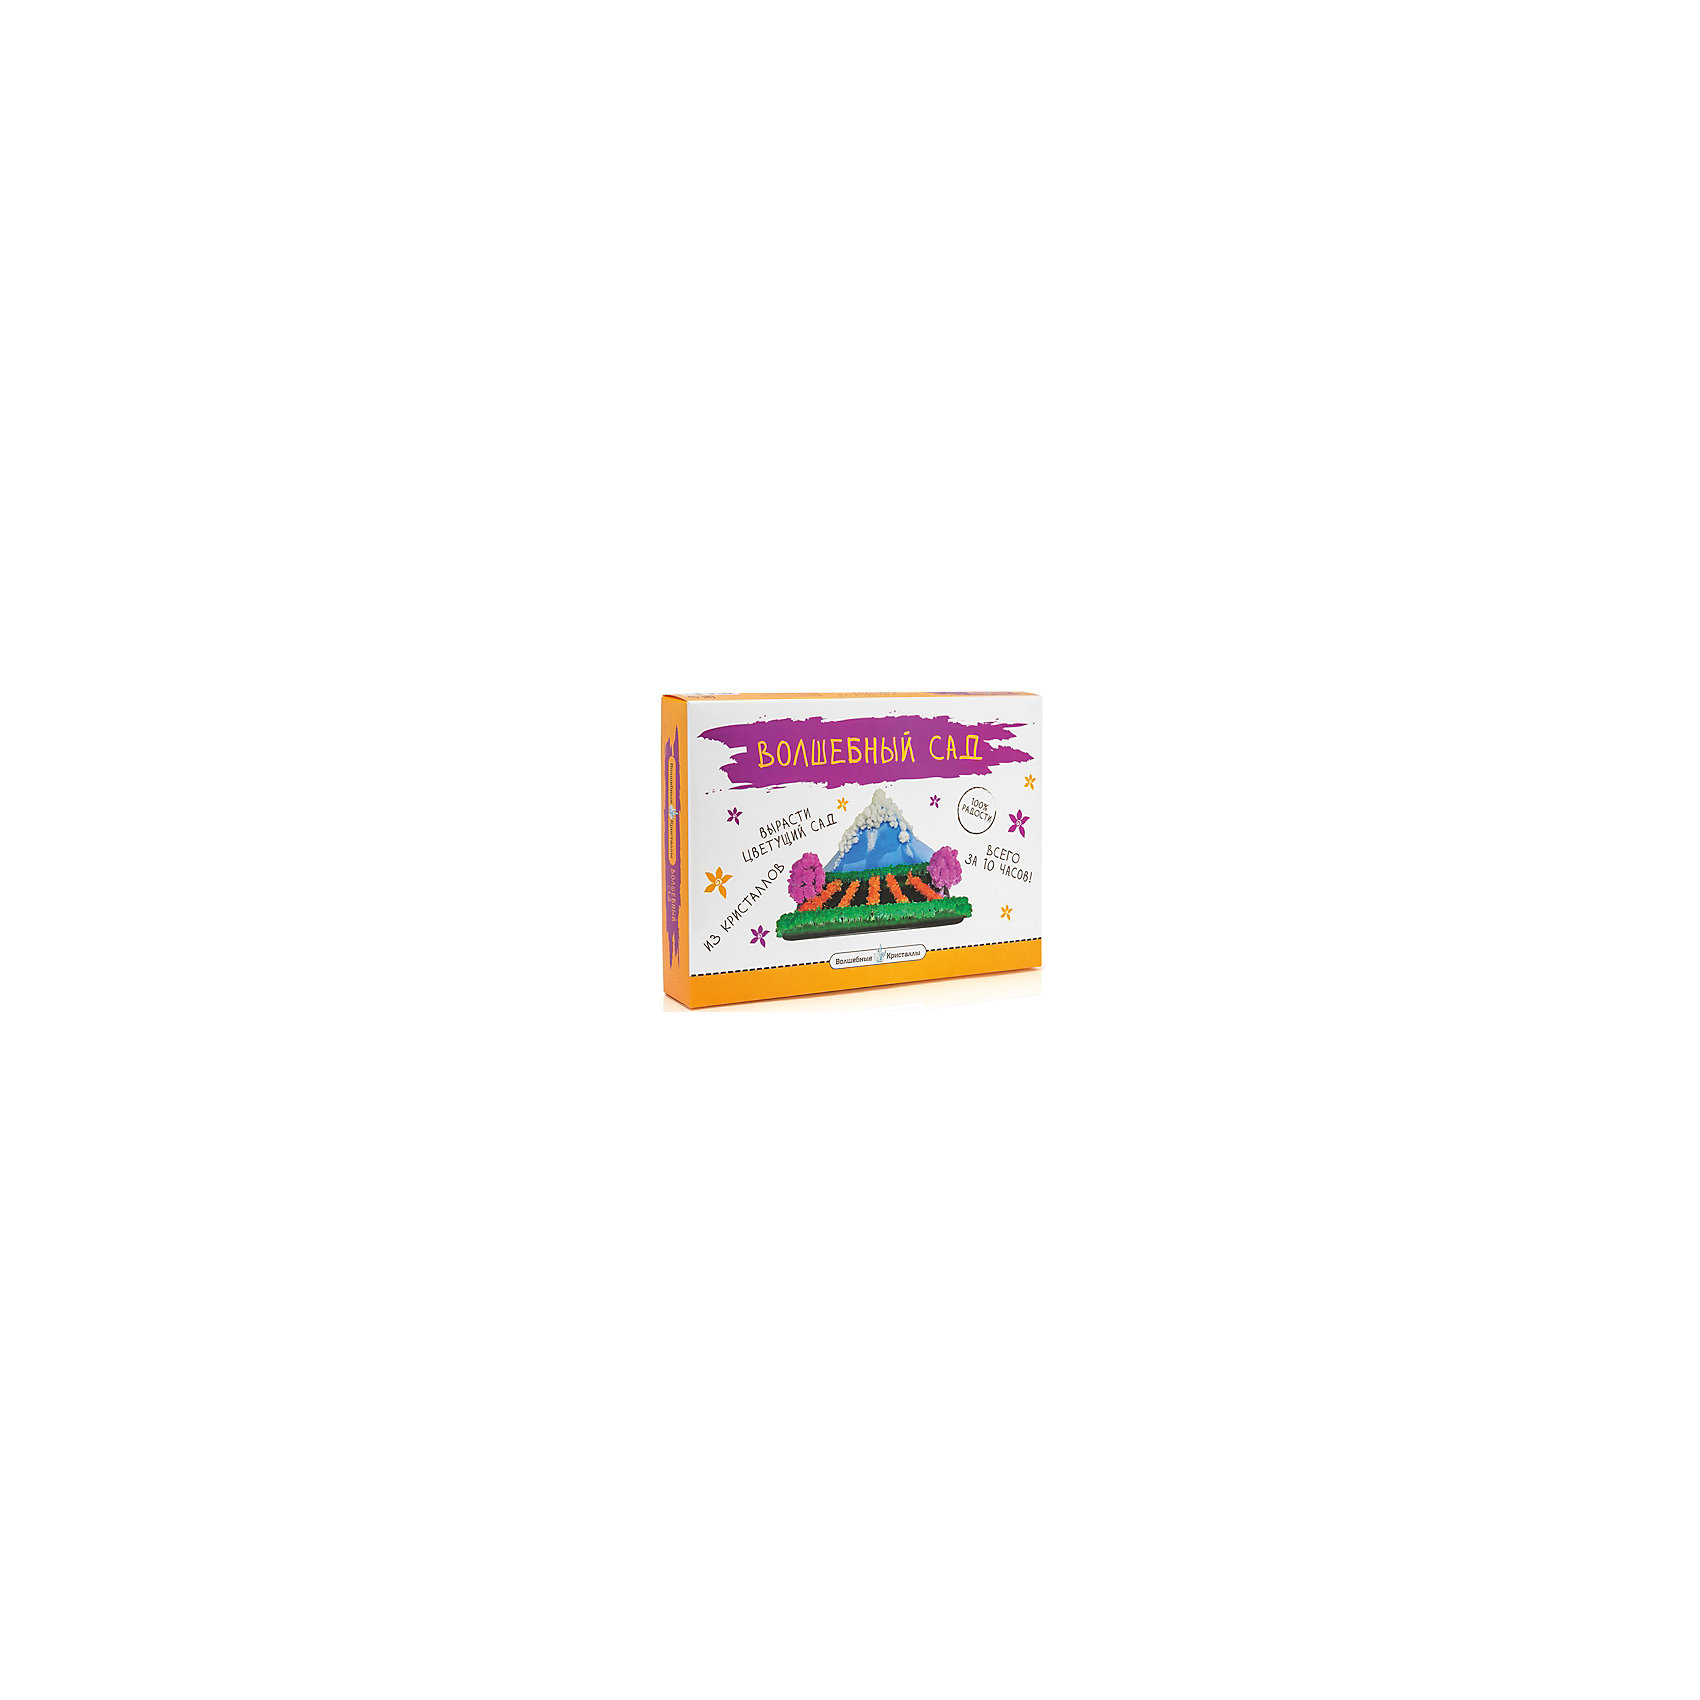 Набор для выращивания кристаллов Волшебный садКристаллы<br>Волшебный сад, Бумбарам.<br><br>Характеристики:<br><br>• подходит для первых химических опытов<br>• прост в применении<br>• яркие цвета<br>• развивает внимательность и усидчивость<br>• в комплекте: 2 длинные картонные полоски, 5 коротких картонных, картонная заготовка горы, 5 пакетиков со специальным раствором для выращивания кристаллов<br>• размер: 5х24х34 см<br>• вес: 330 грамм<br>• готовую поделку рекомендуется покрыть лаком для волос<br><br>С помощью набора Волшебный сад ребенок сможет познать тайны минералогии и создать прекрасный сад, выполненный в виде природного ландшафта. Нанесите реактивы на основу, следуя пошаговой инструкции - уже через несколько минут сад начнет оживать. Спустя 10 часов сад полностью расцветет и порадует вас своей красочностью. Этот эксперимент, несомненно, понравится ребенку и вызовет интерес к творчеству.<br><br>Волшебный сад, Бумбарам вы можете купить в нашем интернет-магазине.<br><br>Ширина мм: 340<br>Глубина мм: 240<br>Высота мм: 50<br>Вес г: 330<br>Возраст от месяцев: 72<br>Возраст до месяцев: 144<br>Пол: Женский<br>Возраст: Детский<br>SKU: 5124690